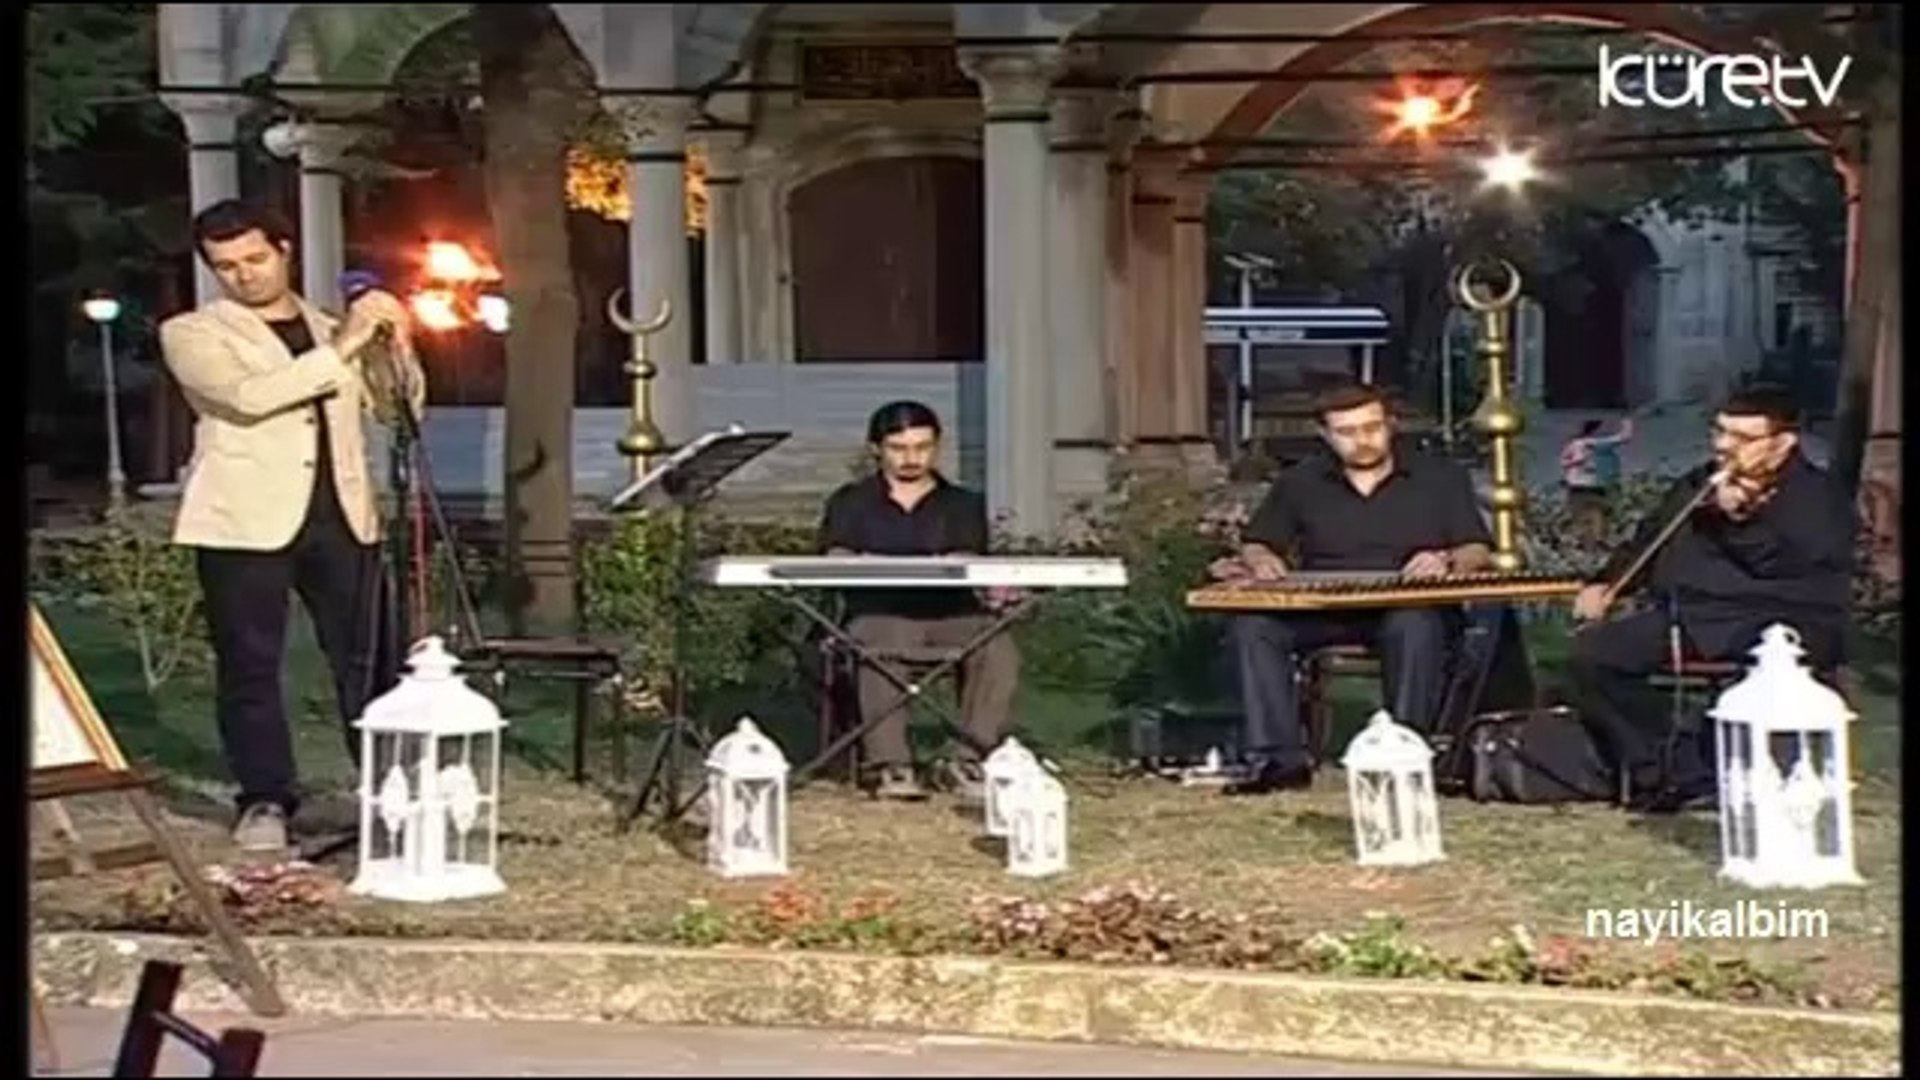 Ayrılık Ayrılık yaman ayrılık Elgun Guliyev Ramazan 2014